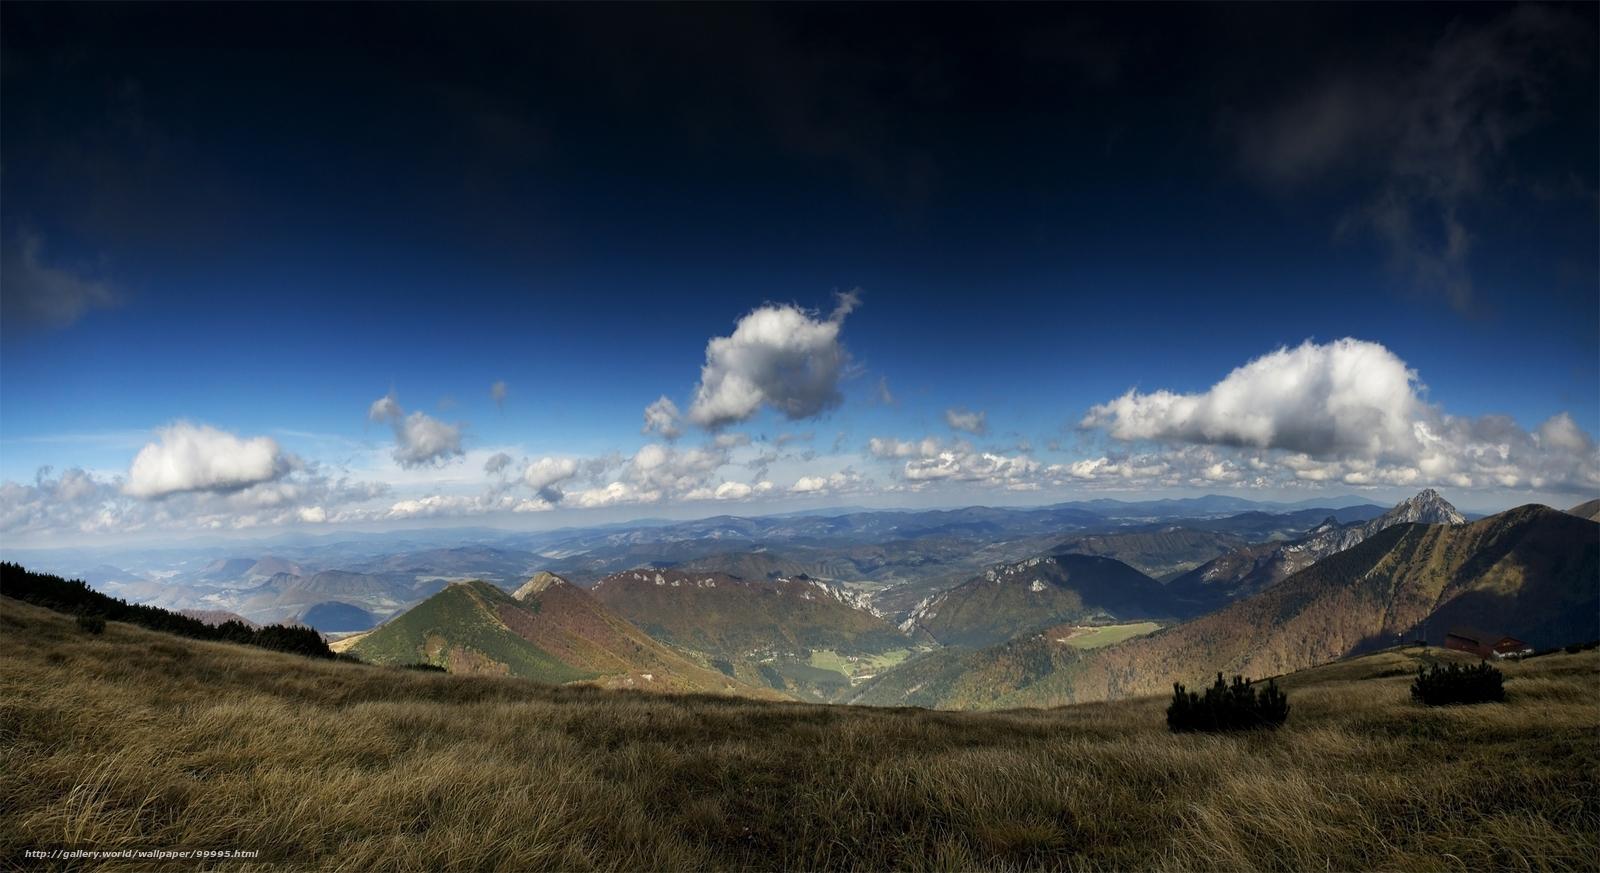 Download Hintergrund Gebirge,  Tal Freie desktop Tapeten in der Auflosung 2200x1200 — bild №99995